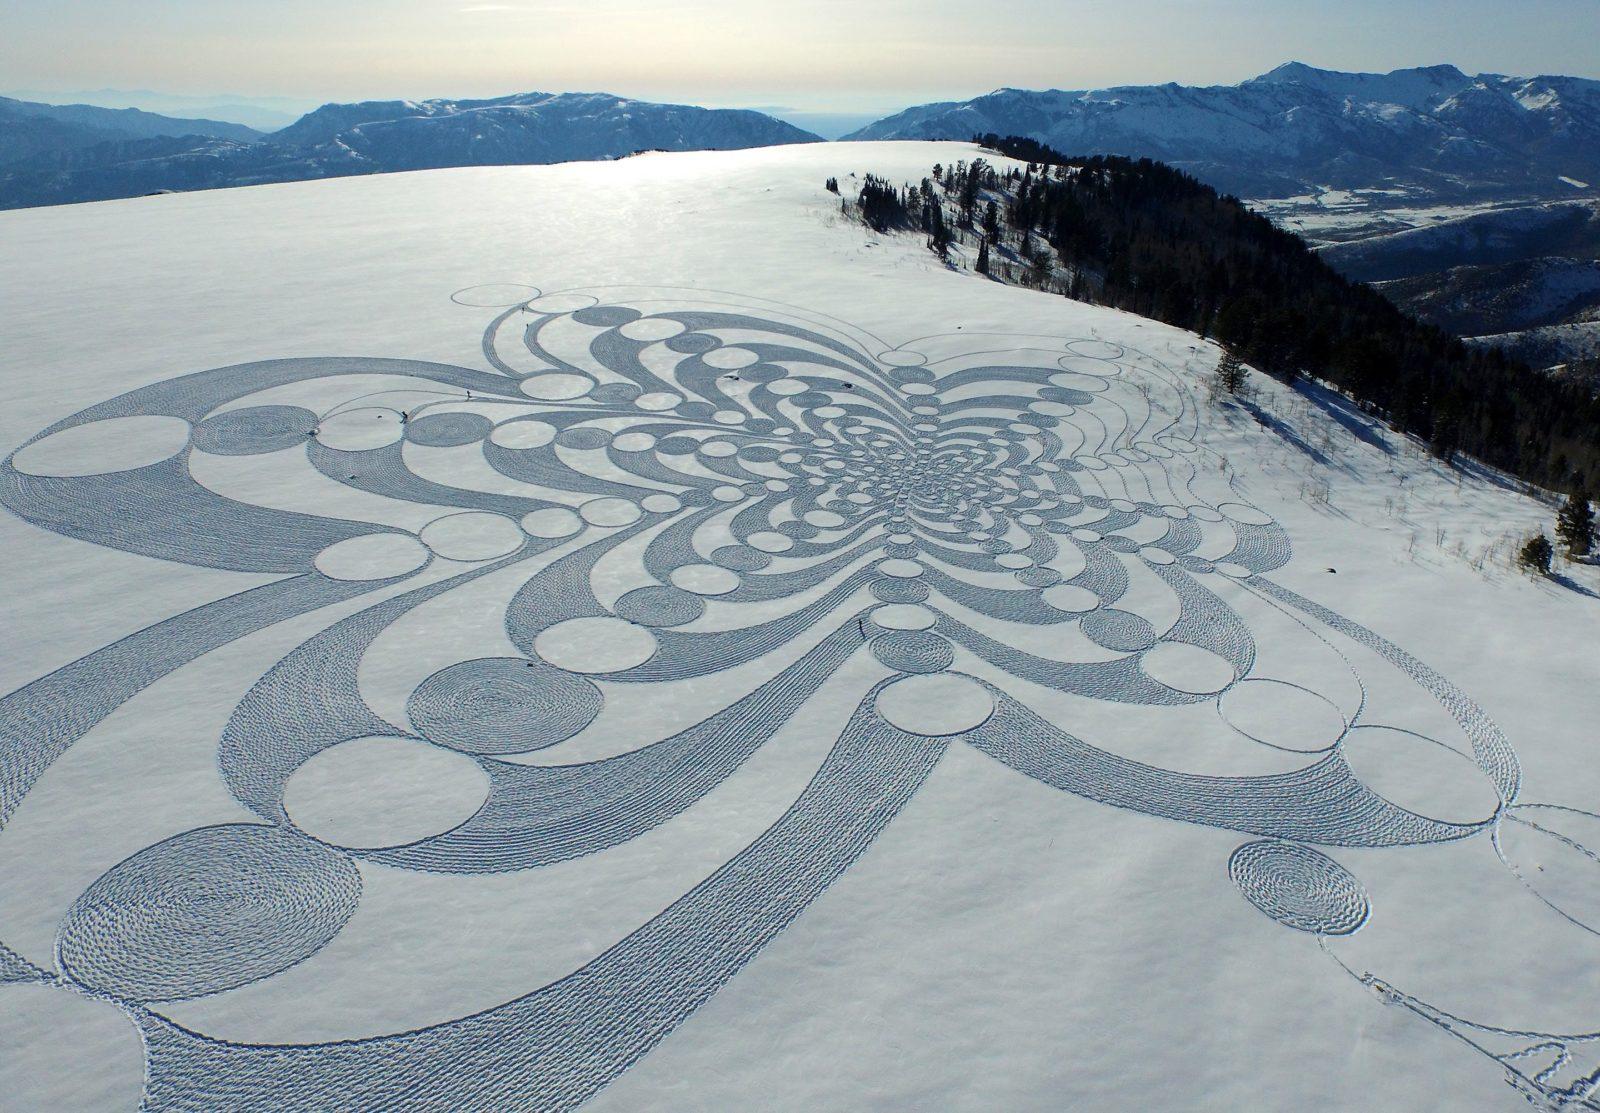 neige hiver creativite RADAR artistes snow art simon beck credit maxresdefault - À la montagne comme à la ville, ces artistes transforment la neige en véritables œuvres d'art